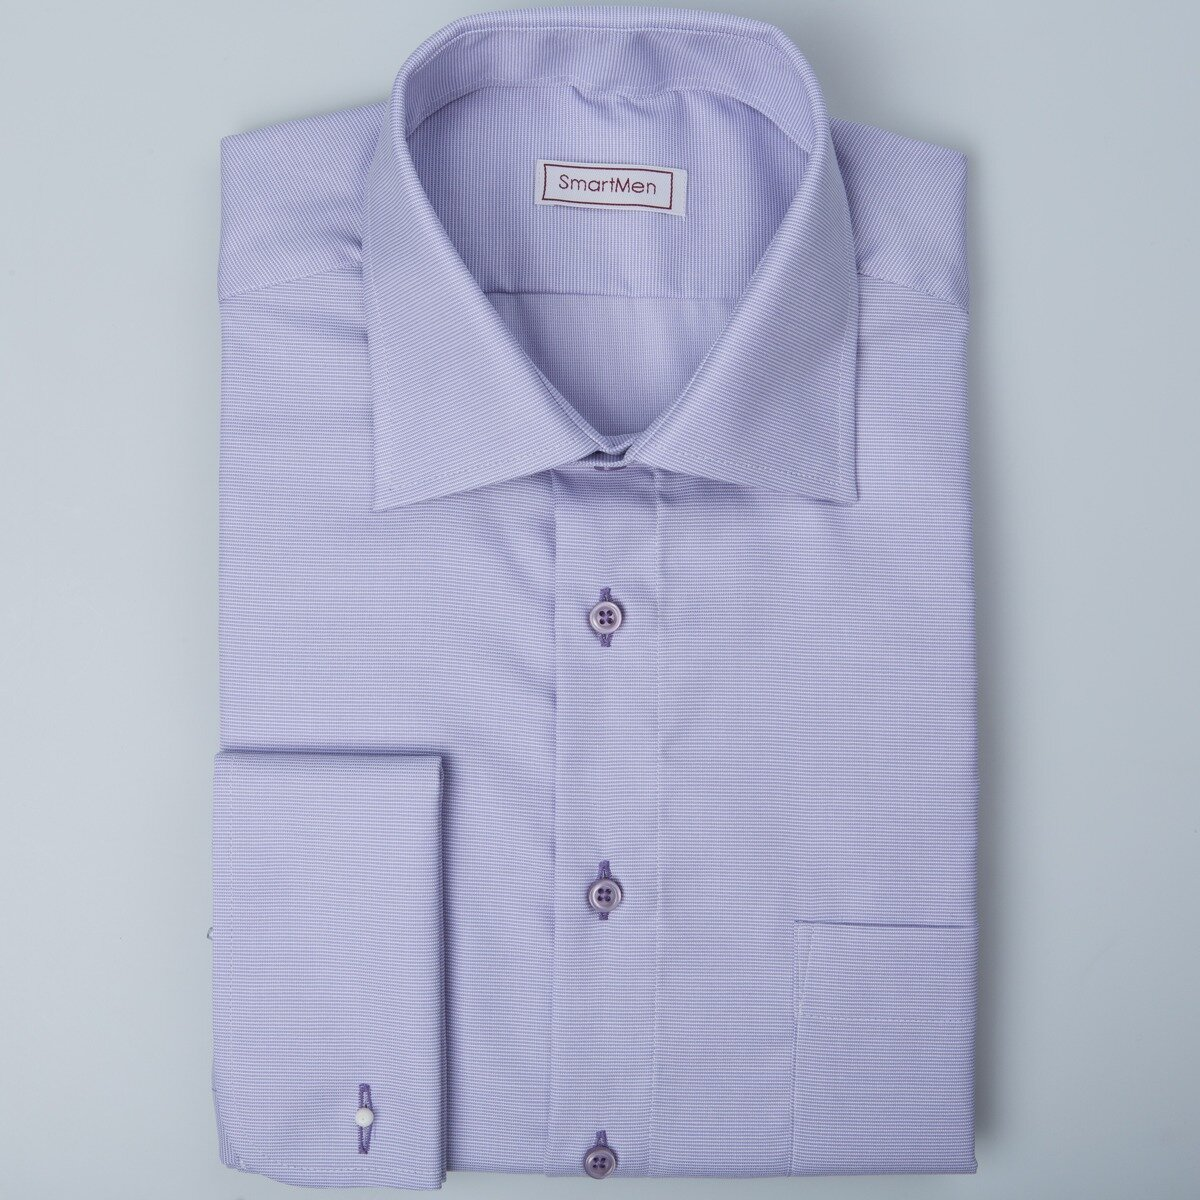 9046e28d5c81 Fialová košeľa s manžetovými gombíkmi do obleku SmartMen